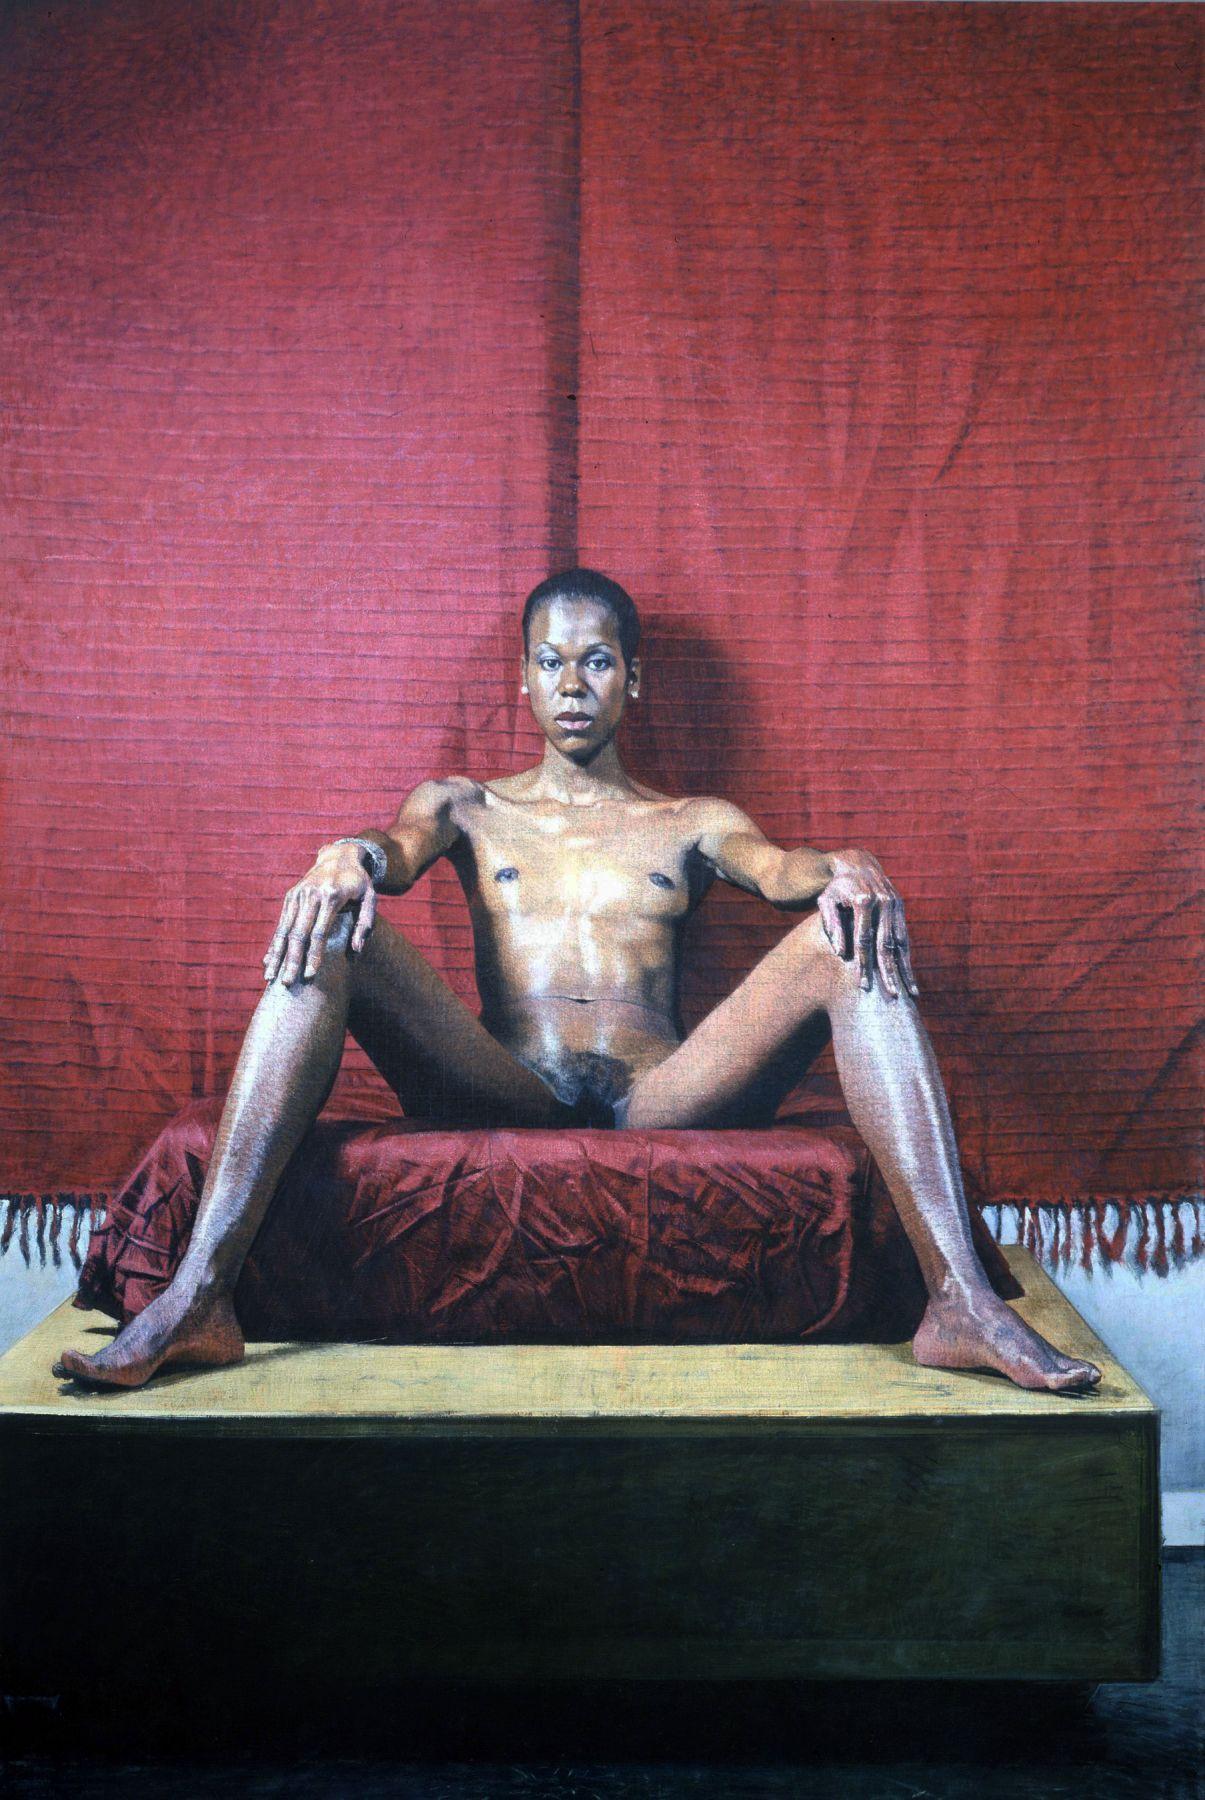 Bernardo Siciliano, Janelle (SOLD), 2008, oil on canvas, 90 3/4 x 60 1/2 inches